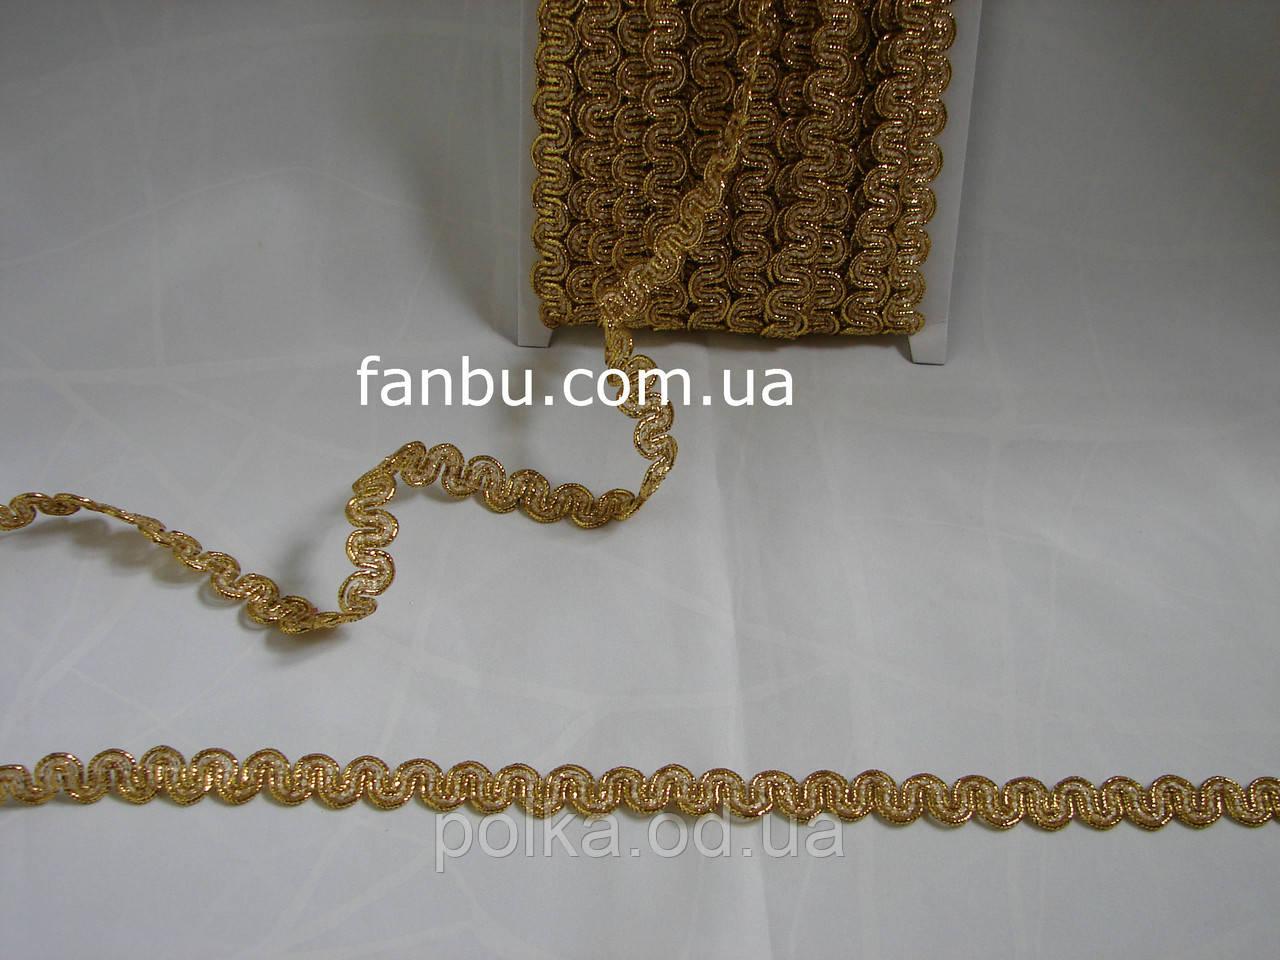 """Золота декоративна тасьма """"грецька хвиля""""металізована, ширина 1.3 см(1 уп20 ярдів)"""